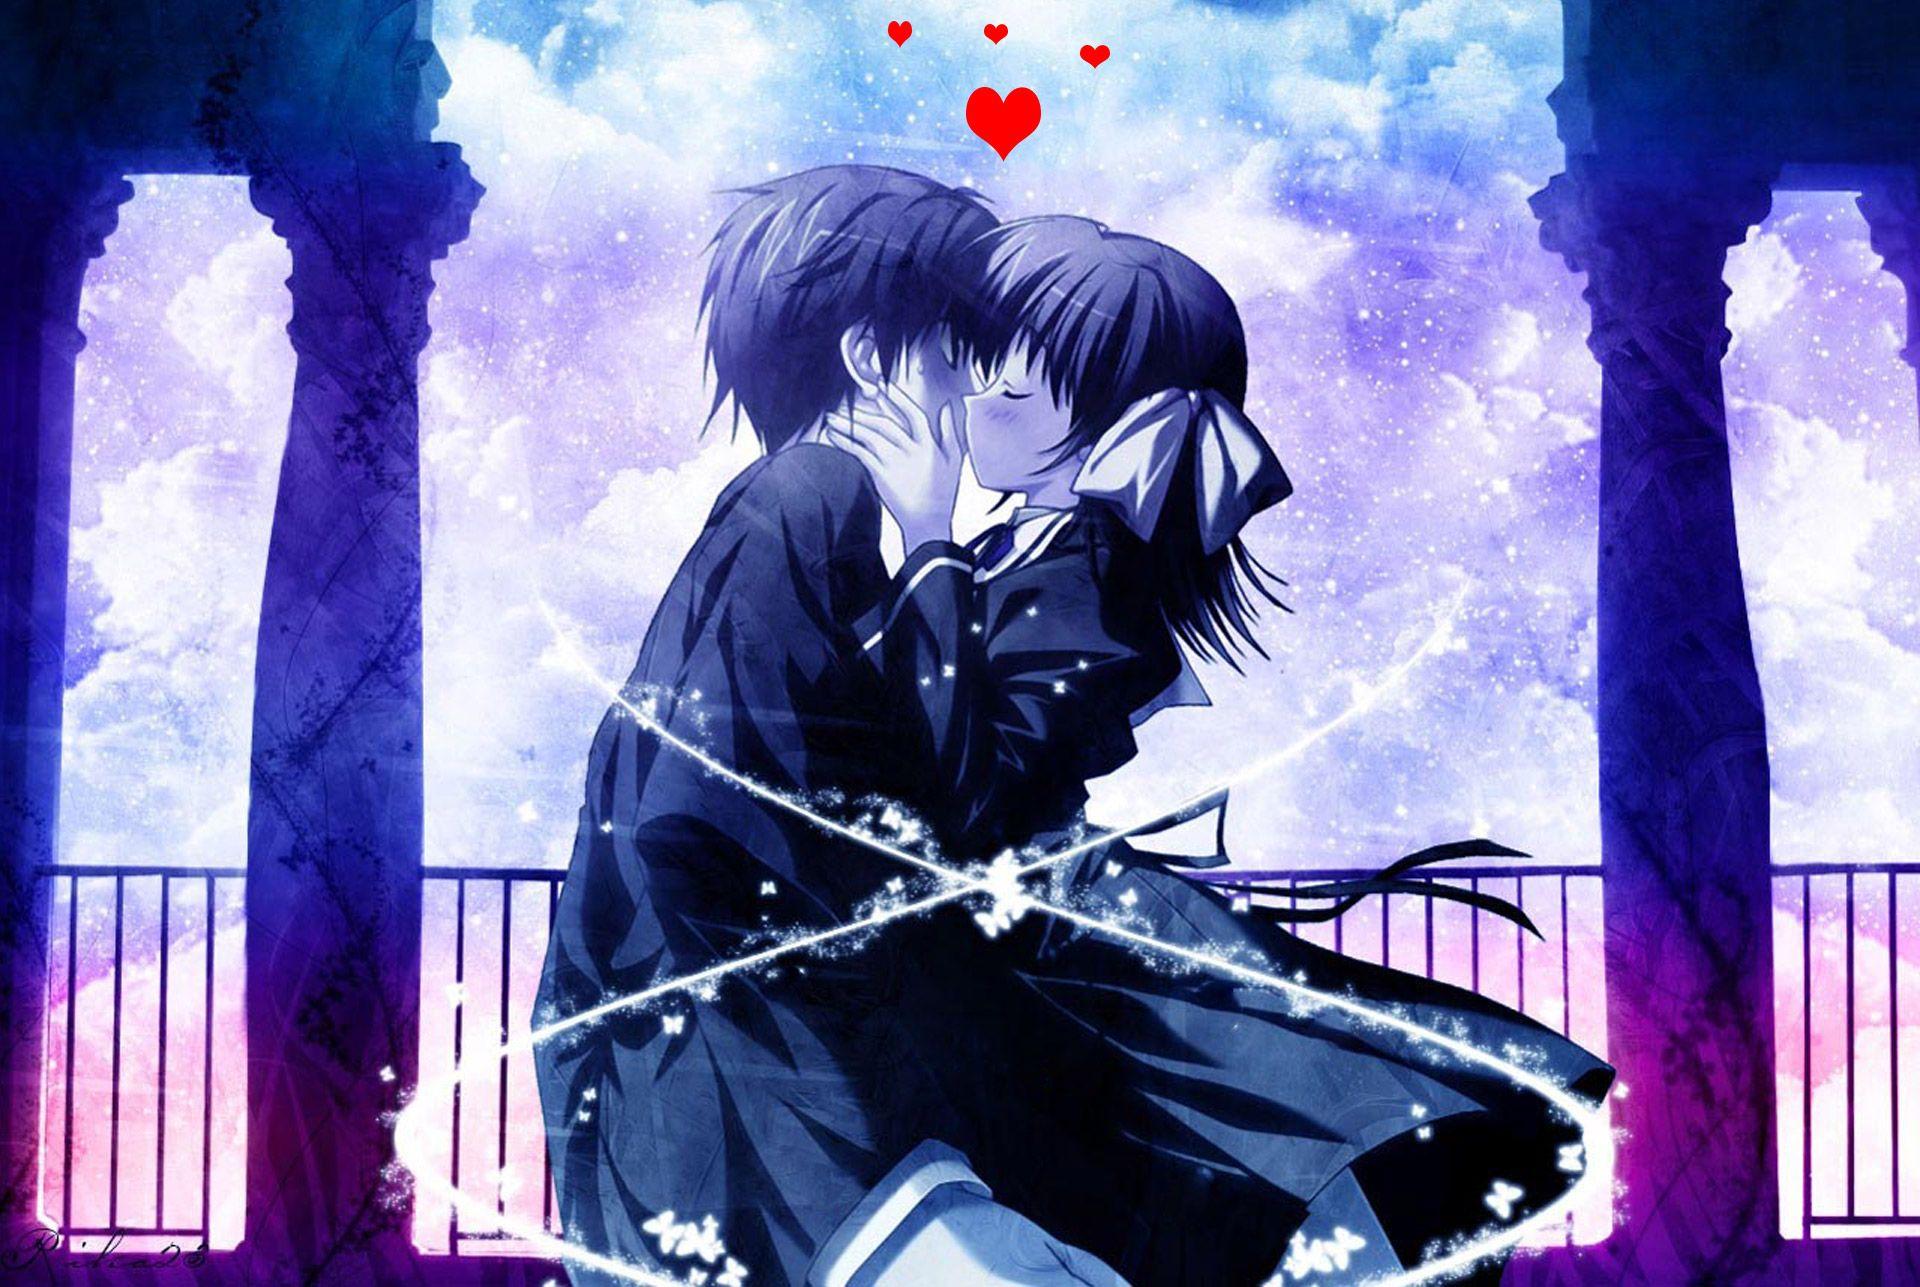 Fondo escritorio anime amor mi amore en 2019 anime - Sites de animes para celular ...